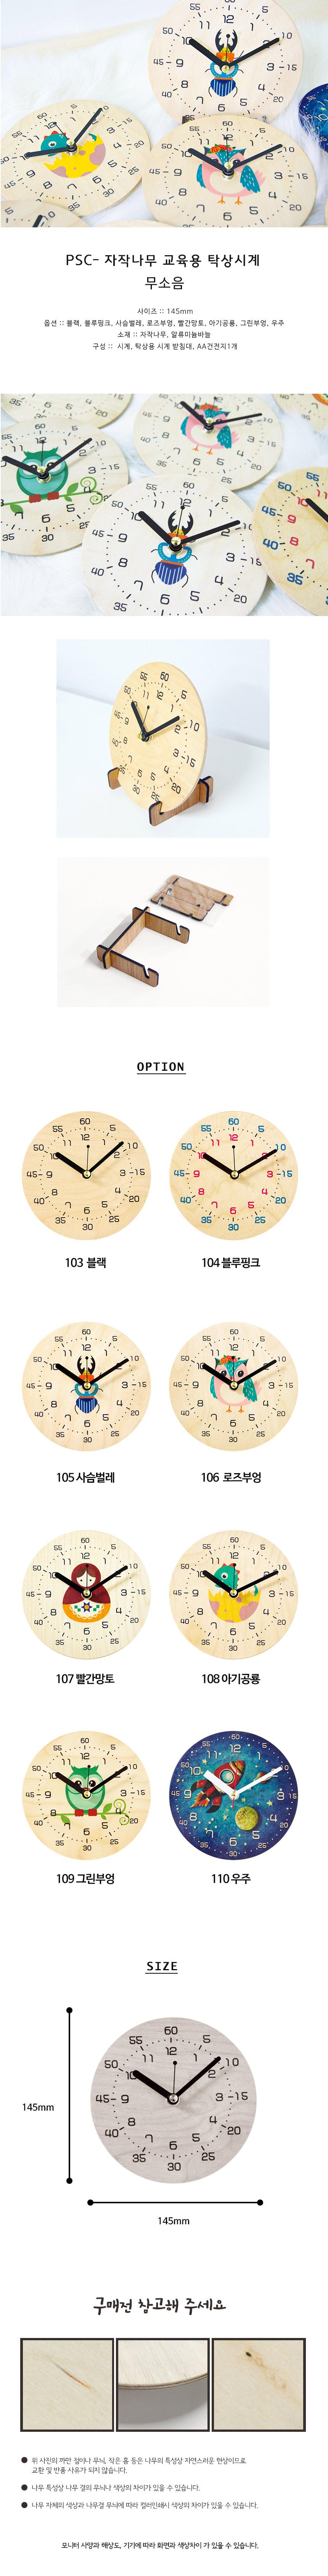 [나룸] PSC-교육용 탁상시계(145mm)-무소음 - 브론즈하우스, 16,000원, 탁상시계, 무소음